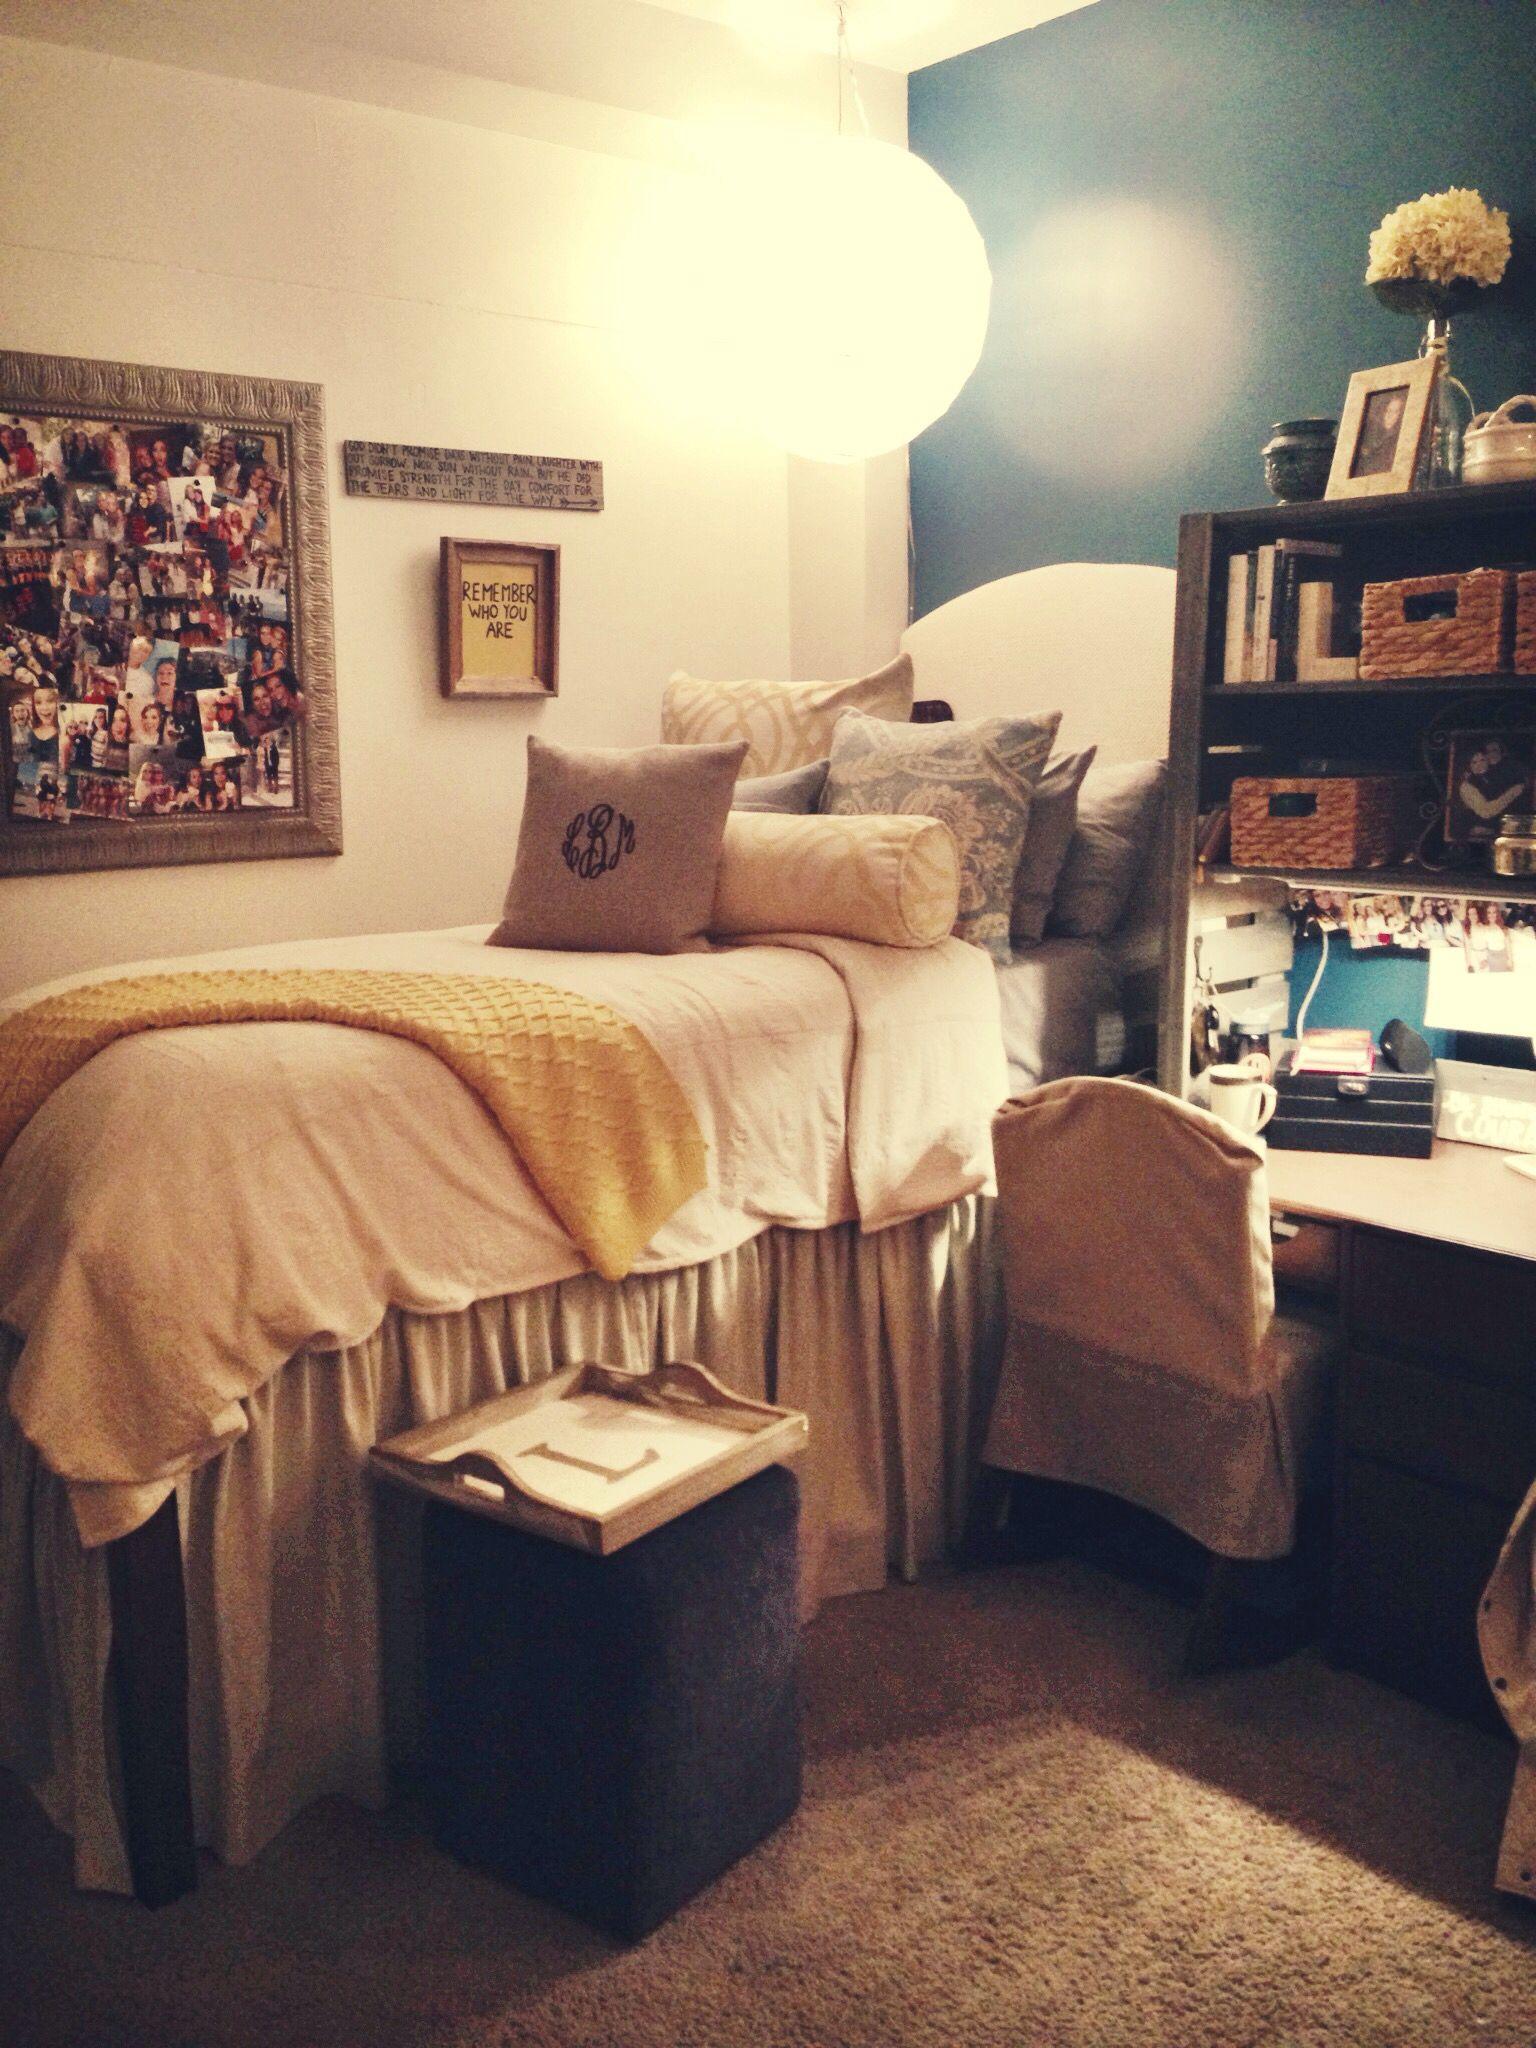 Osu Stillwater Room And Board